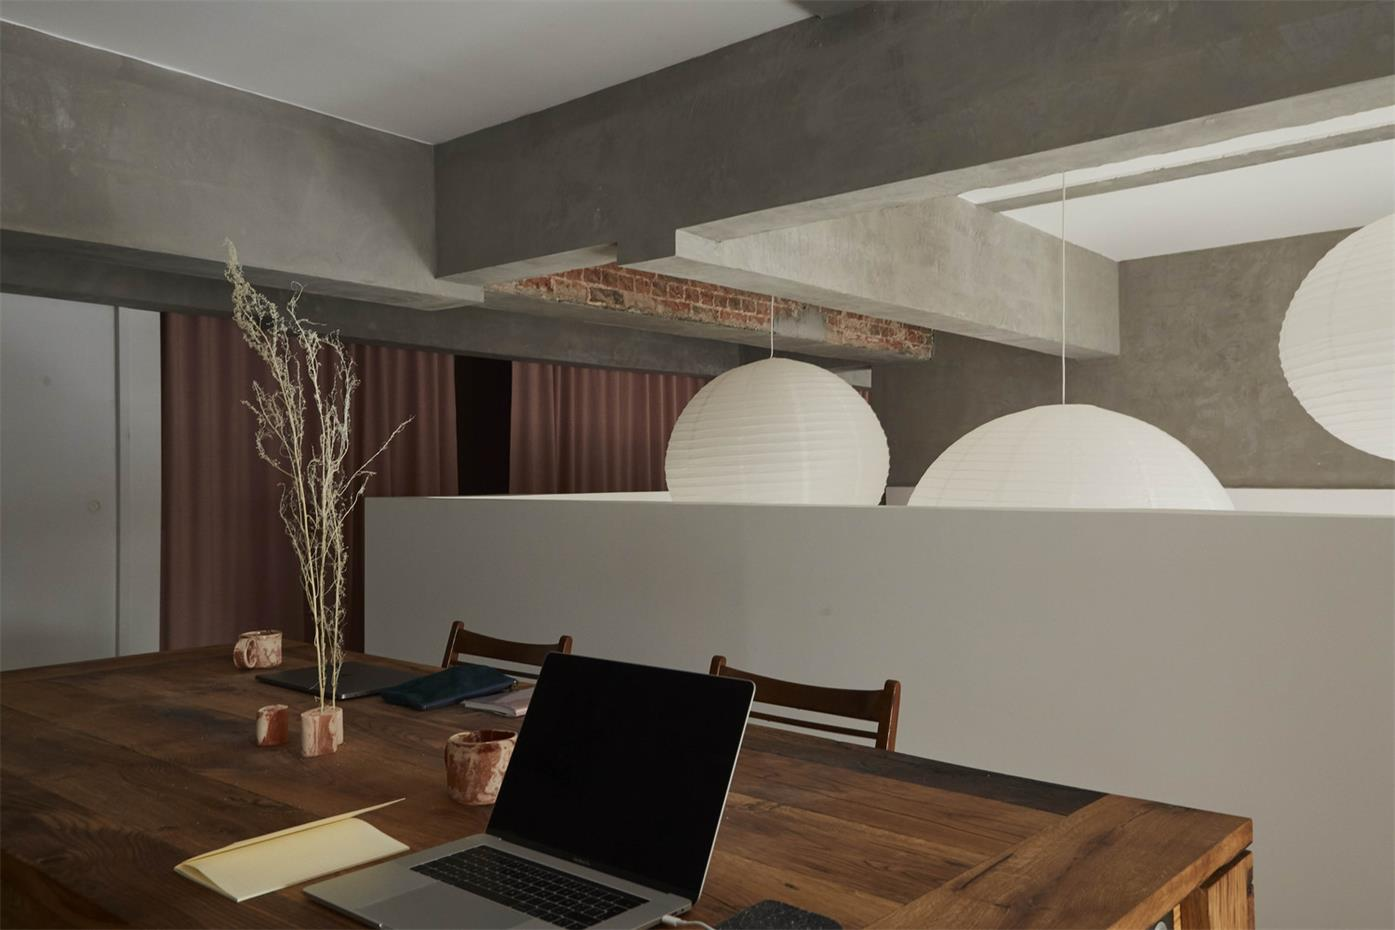 摄影工作室二层办公桌设计